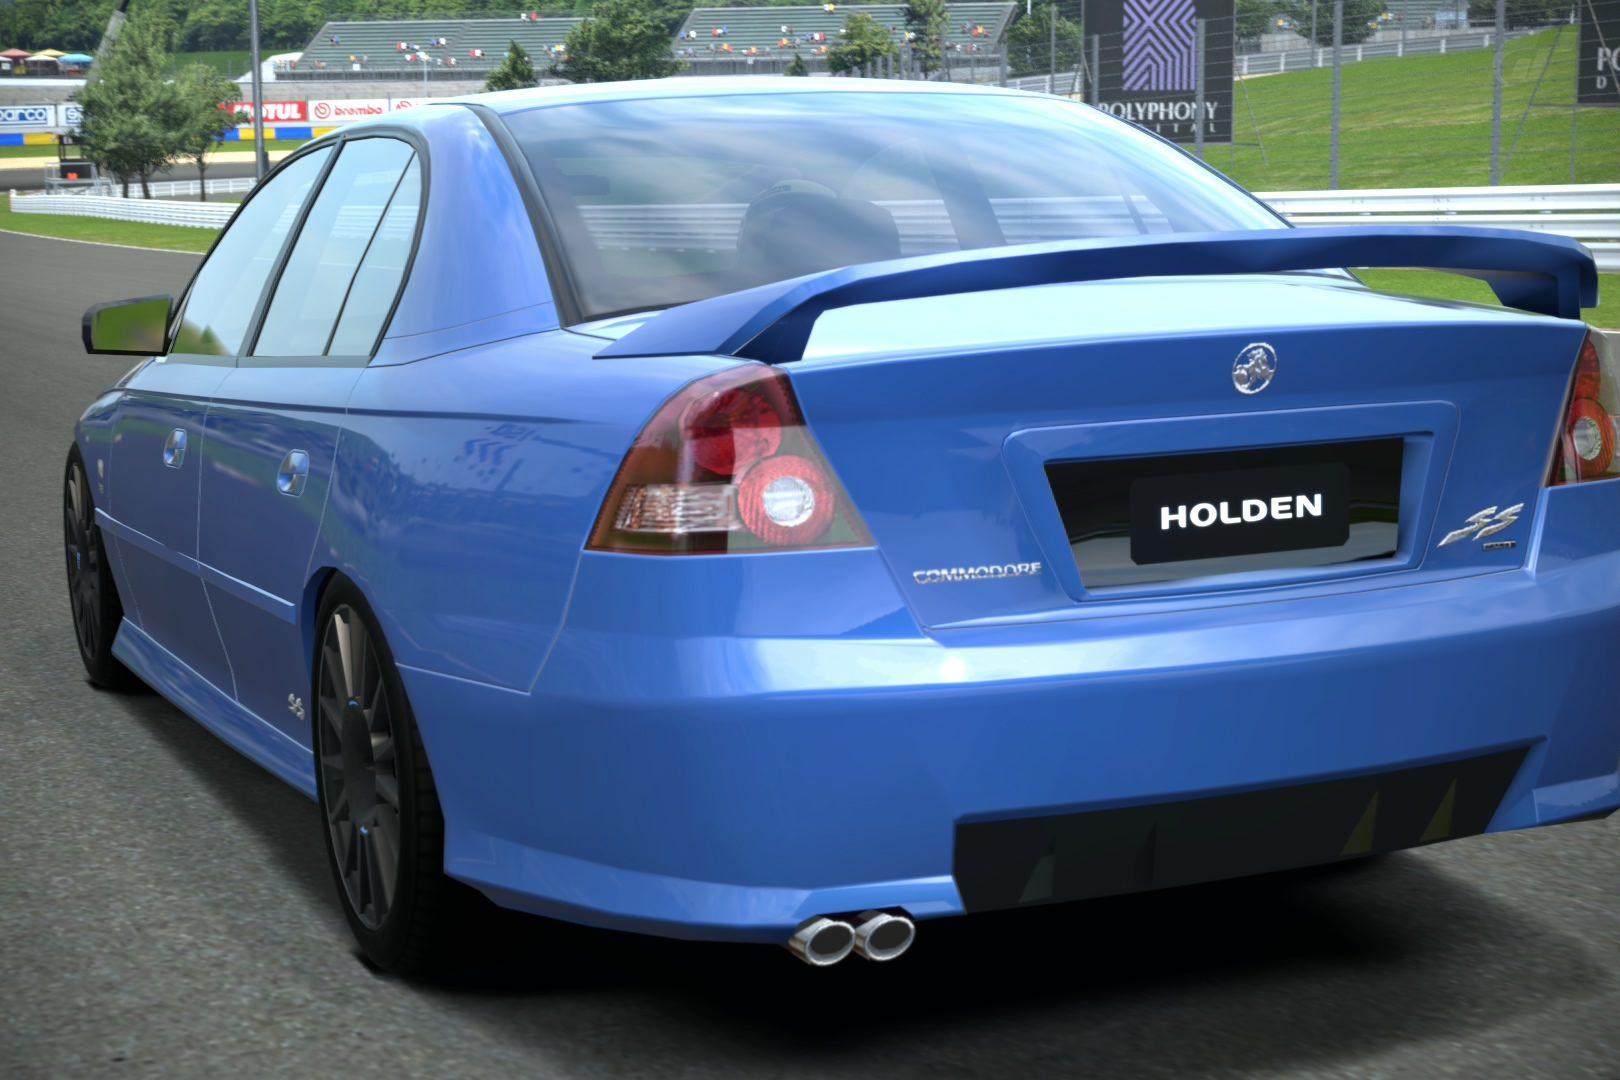 HoldenSS04Img2.jpg